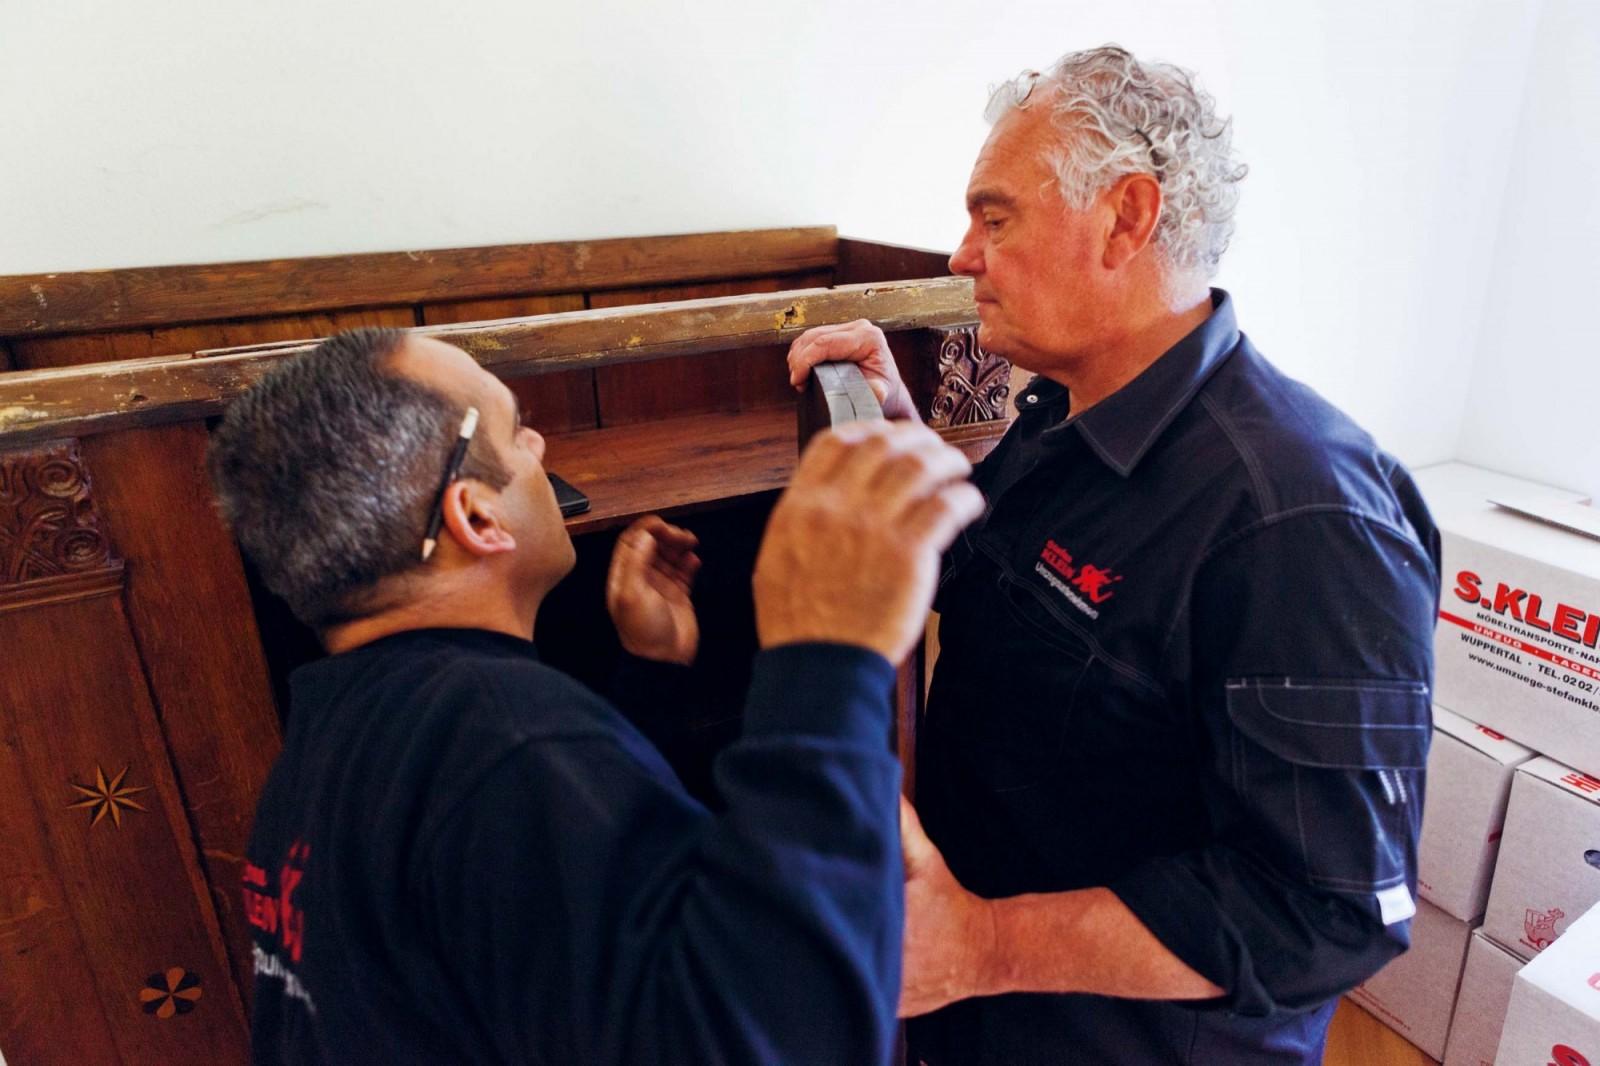 Mitarbeiter der Umzüge S. Klein GmbH & Co. KG bei der Möbel-Demontage einem Privatumzug